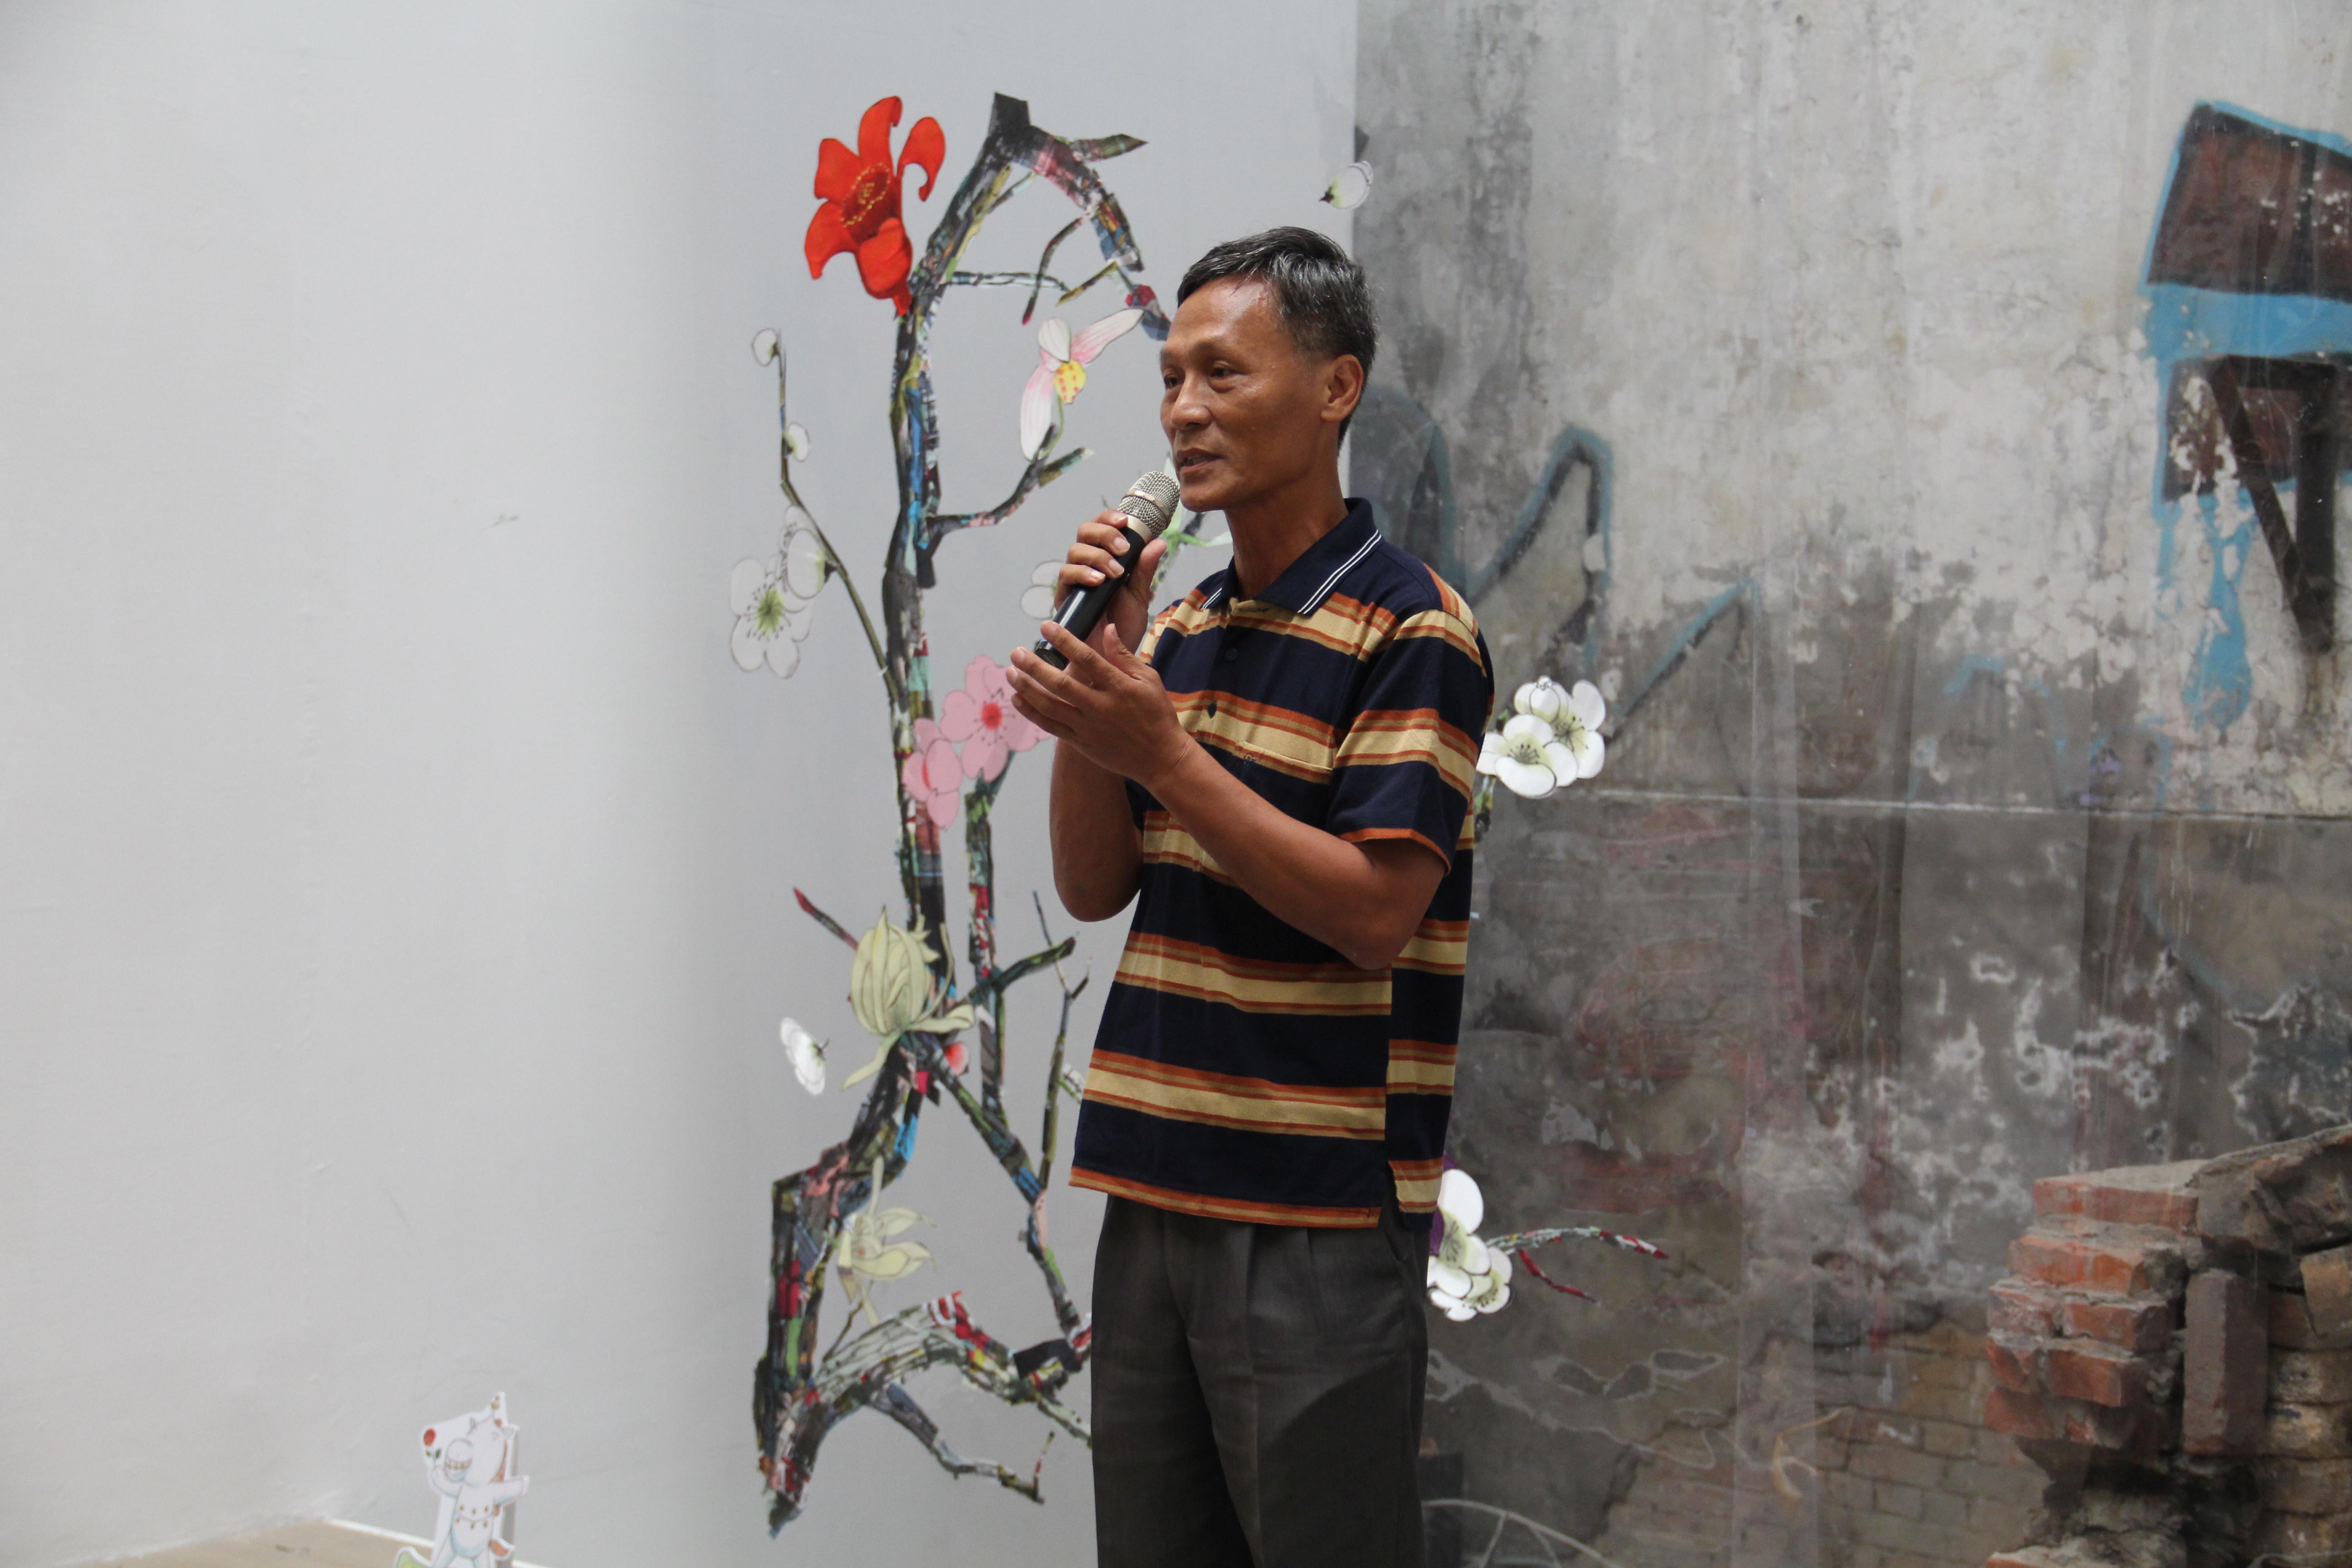 美麗台灣關懷協會常務理事姜樂義認為只要懷著夢與理想,就可以做出成功的作品。 攝影/蘇媚